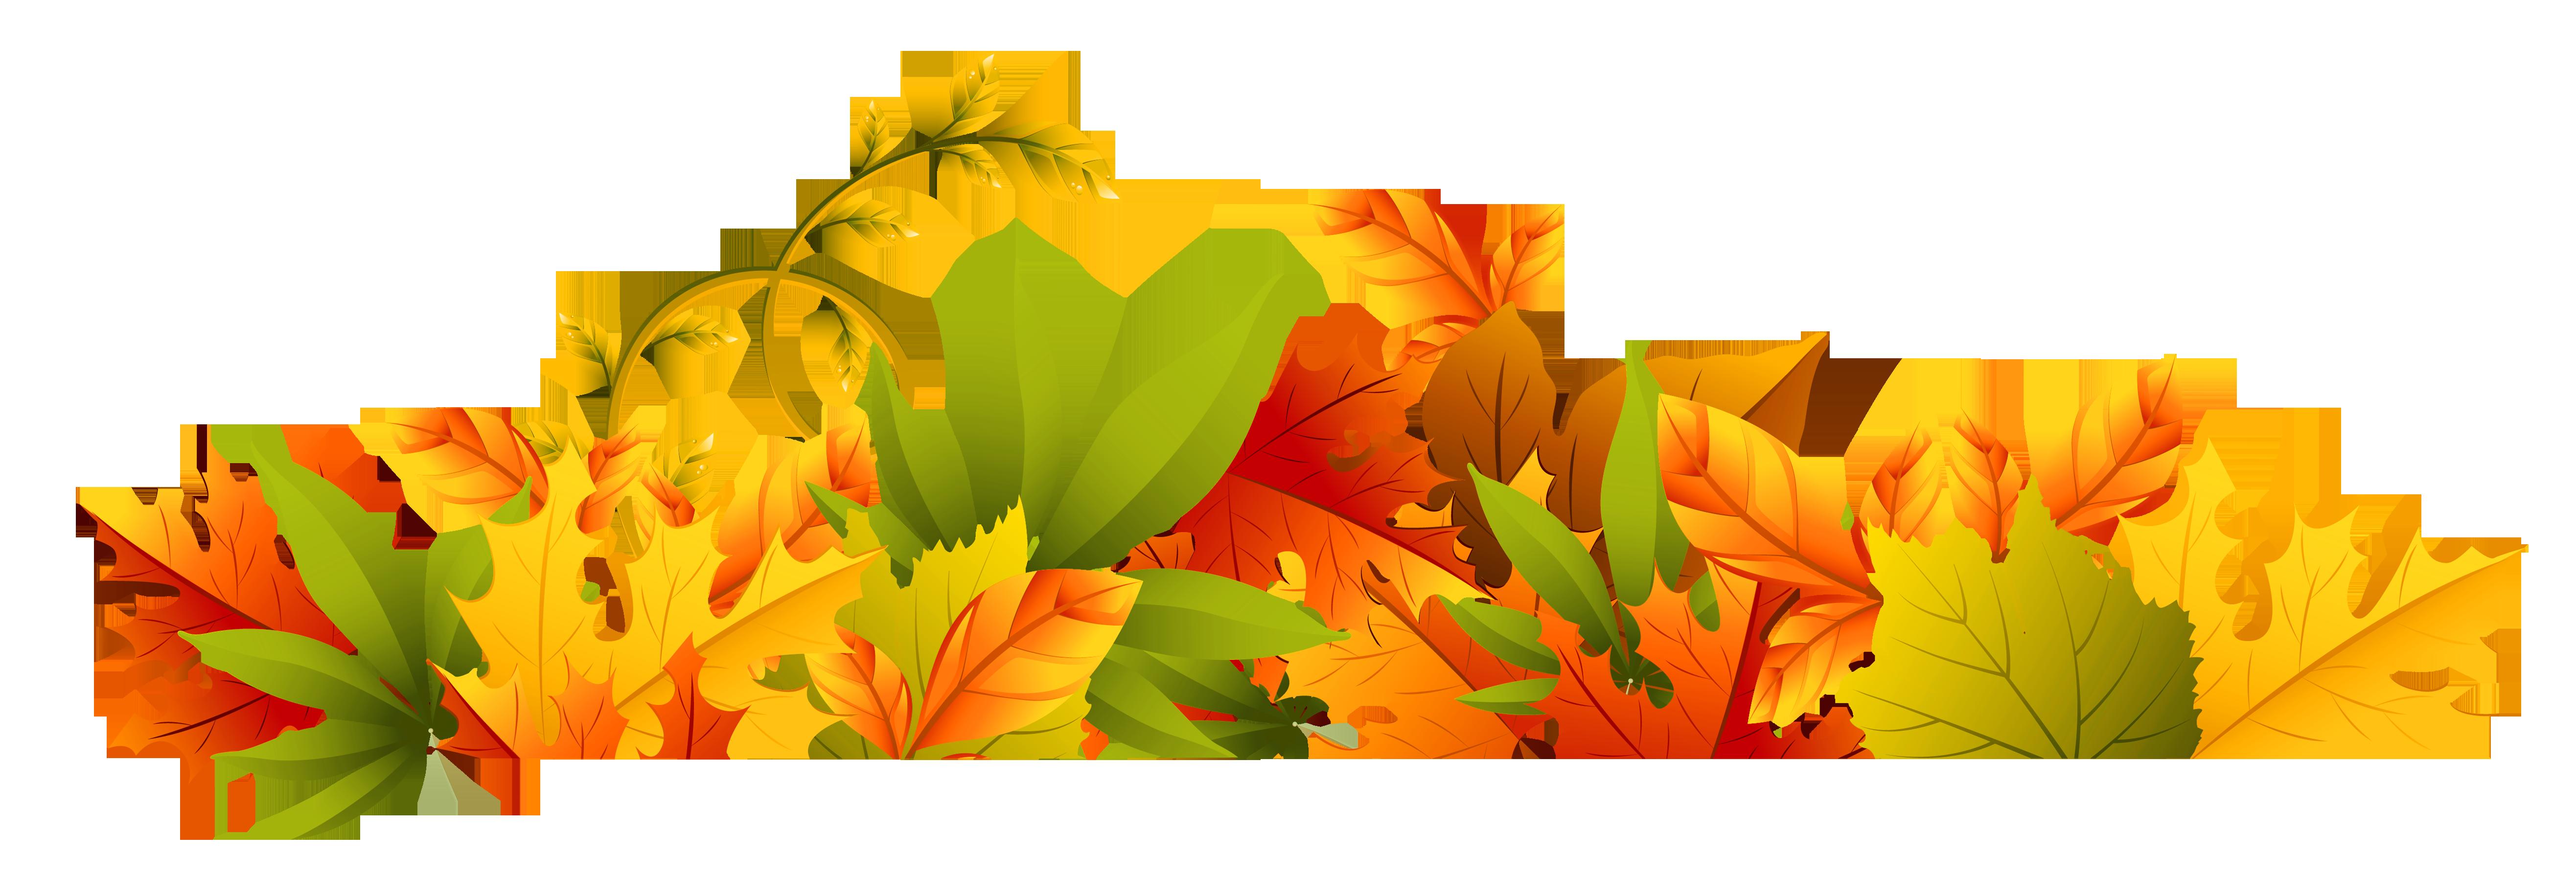 Fall Autumn Clip Art Free Clipart 2 Clip-Fall autumn clip art free clipart 2 clipartcow-5